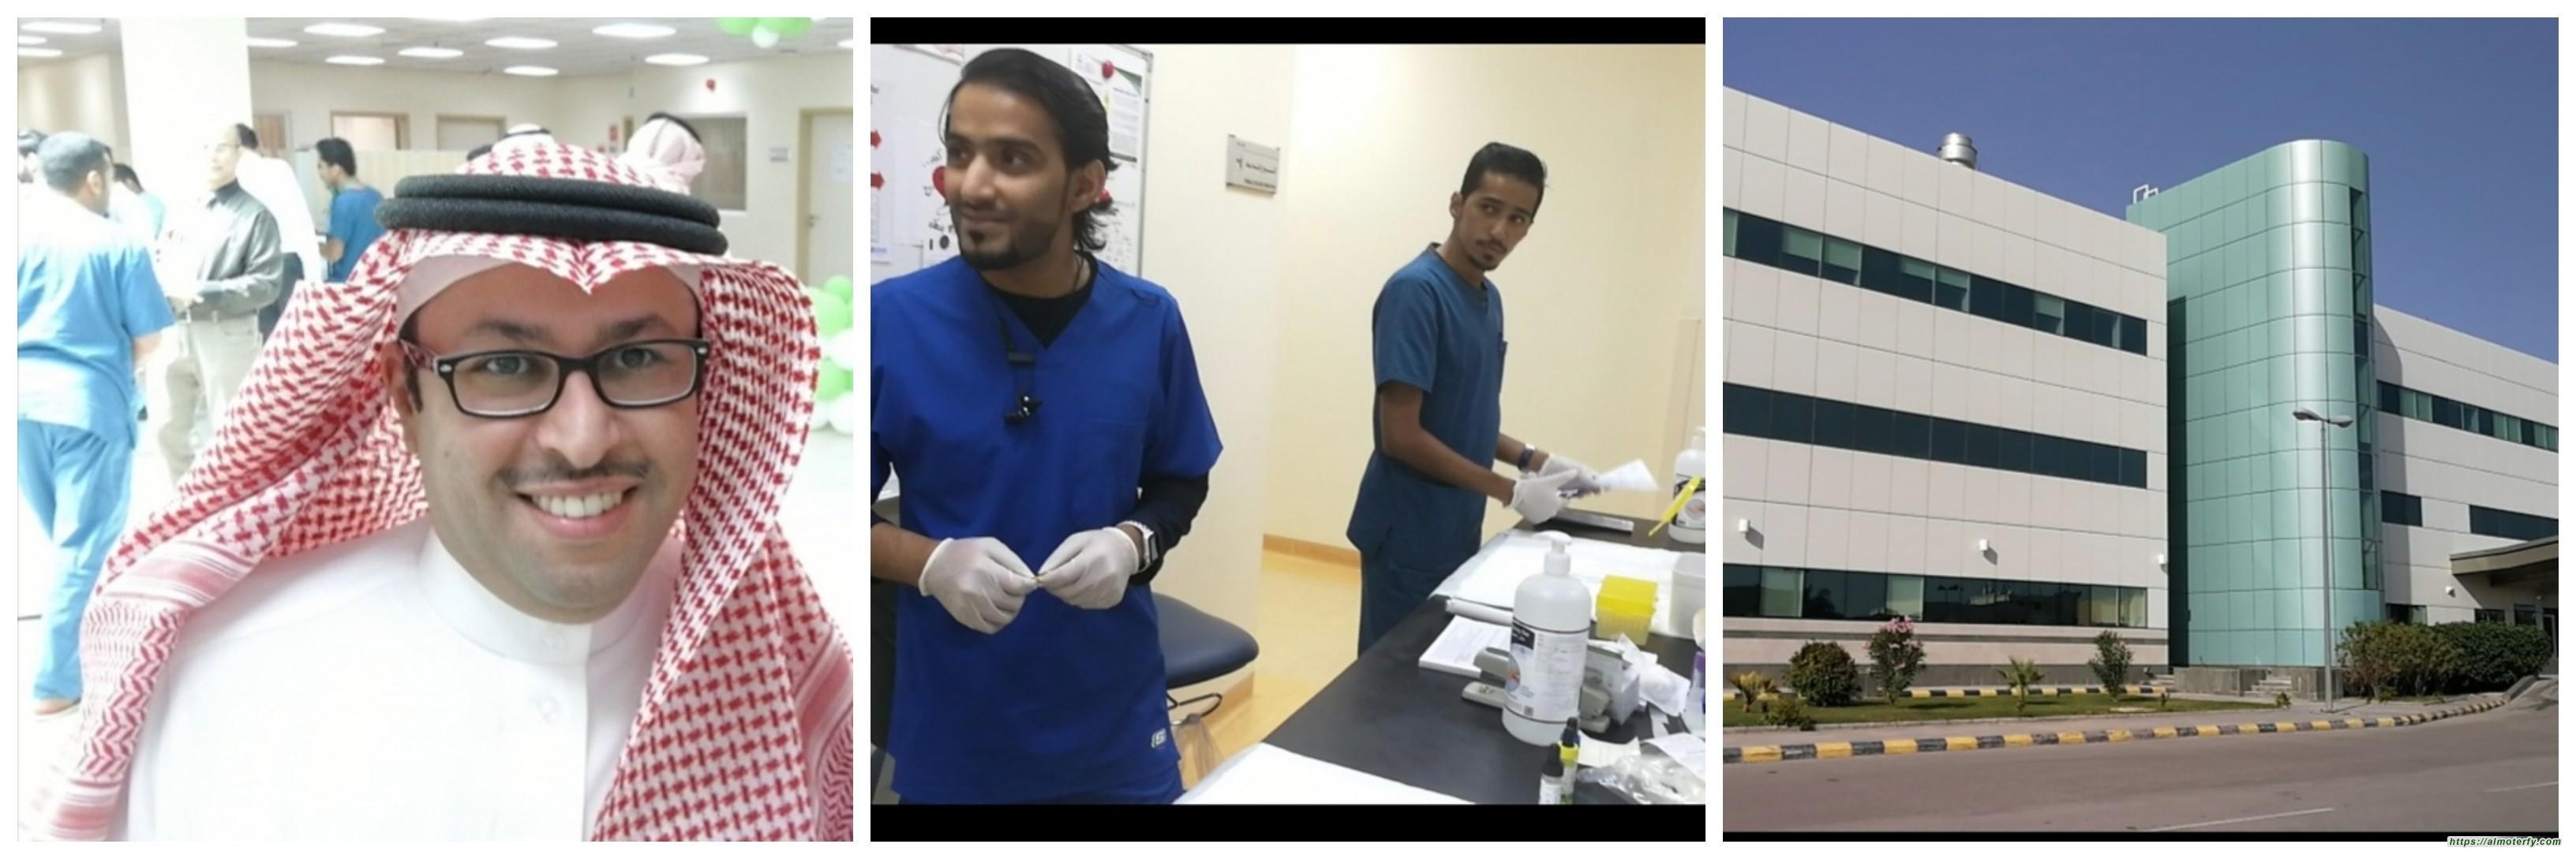 مستشفى الفيصل بالأحساء يشكر المتبرعين بالدم ويحث القادرين على التبرع بضرورة الاستمرار